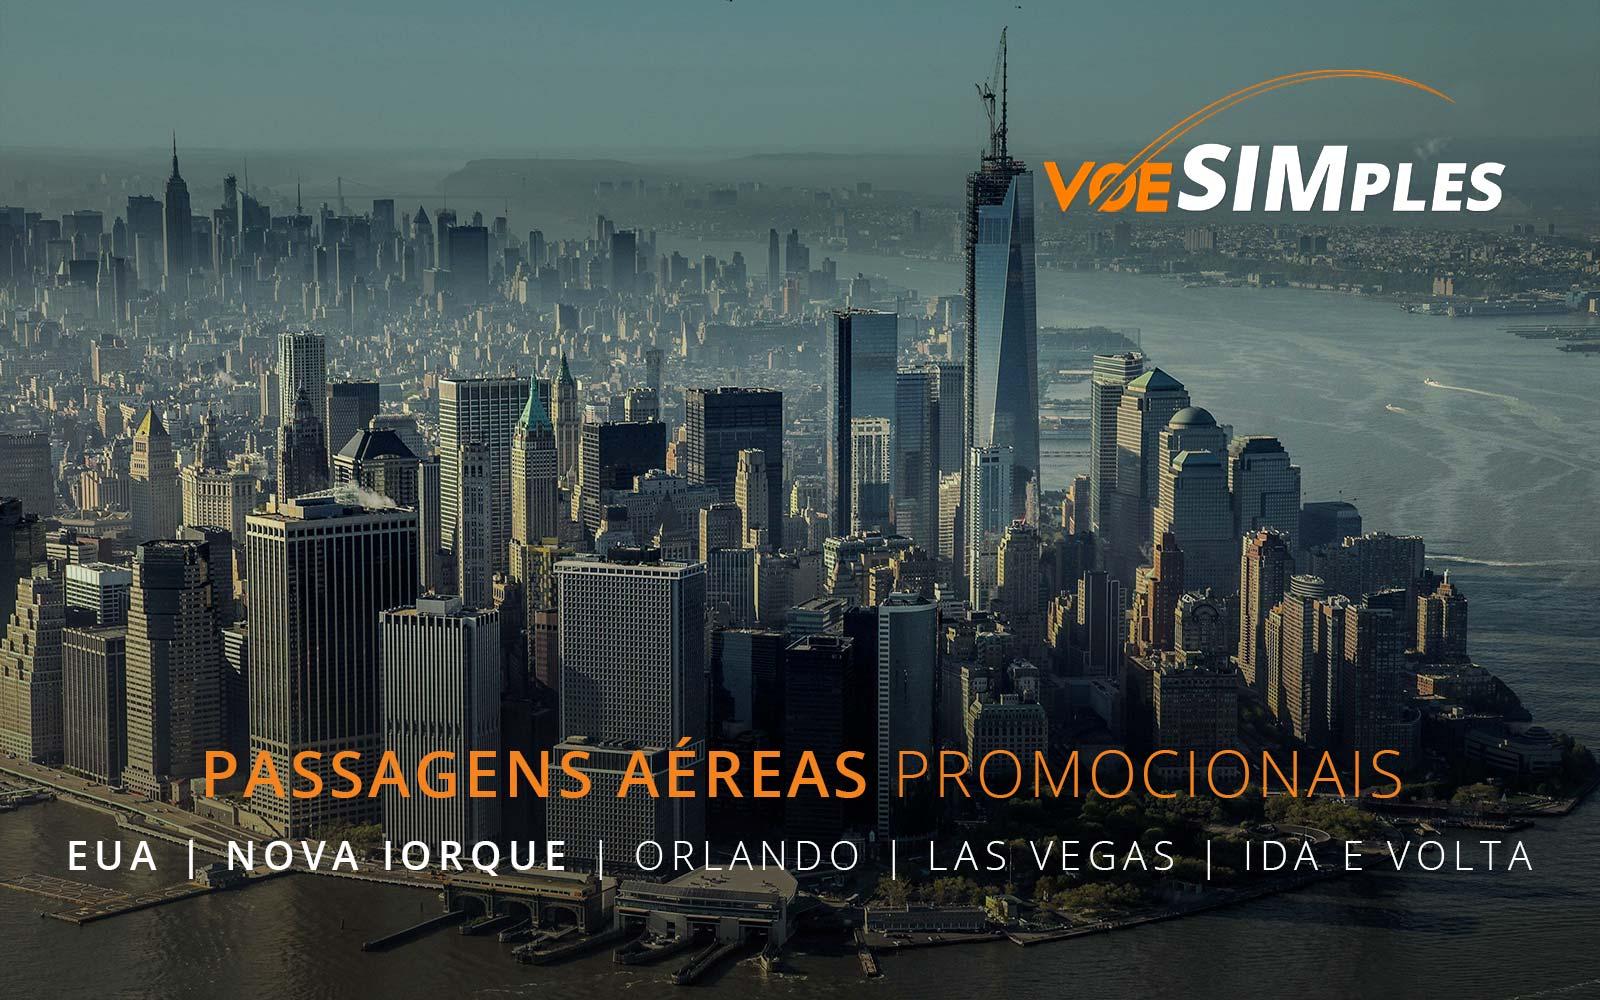 Passagens aéreas promocionais para Miami, Orlando, Nova York e Las Vegas nos Estados Unidos